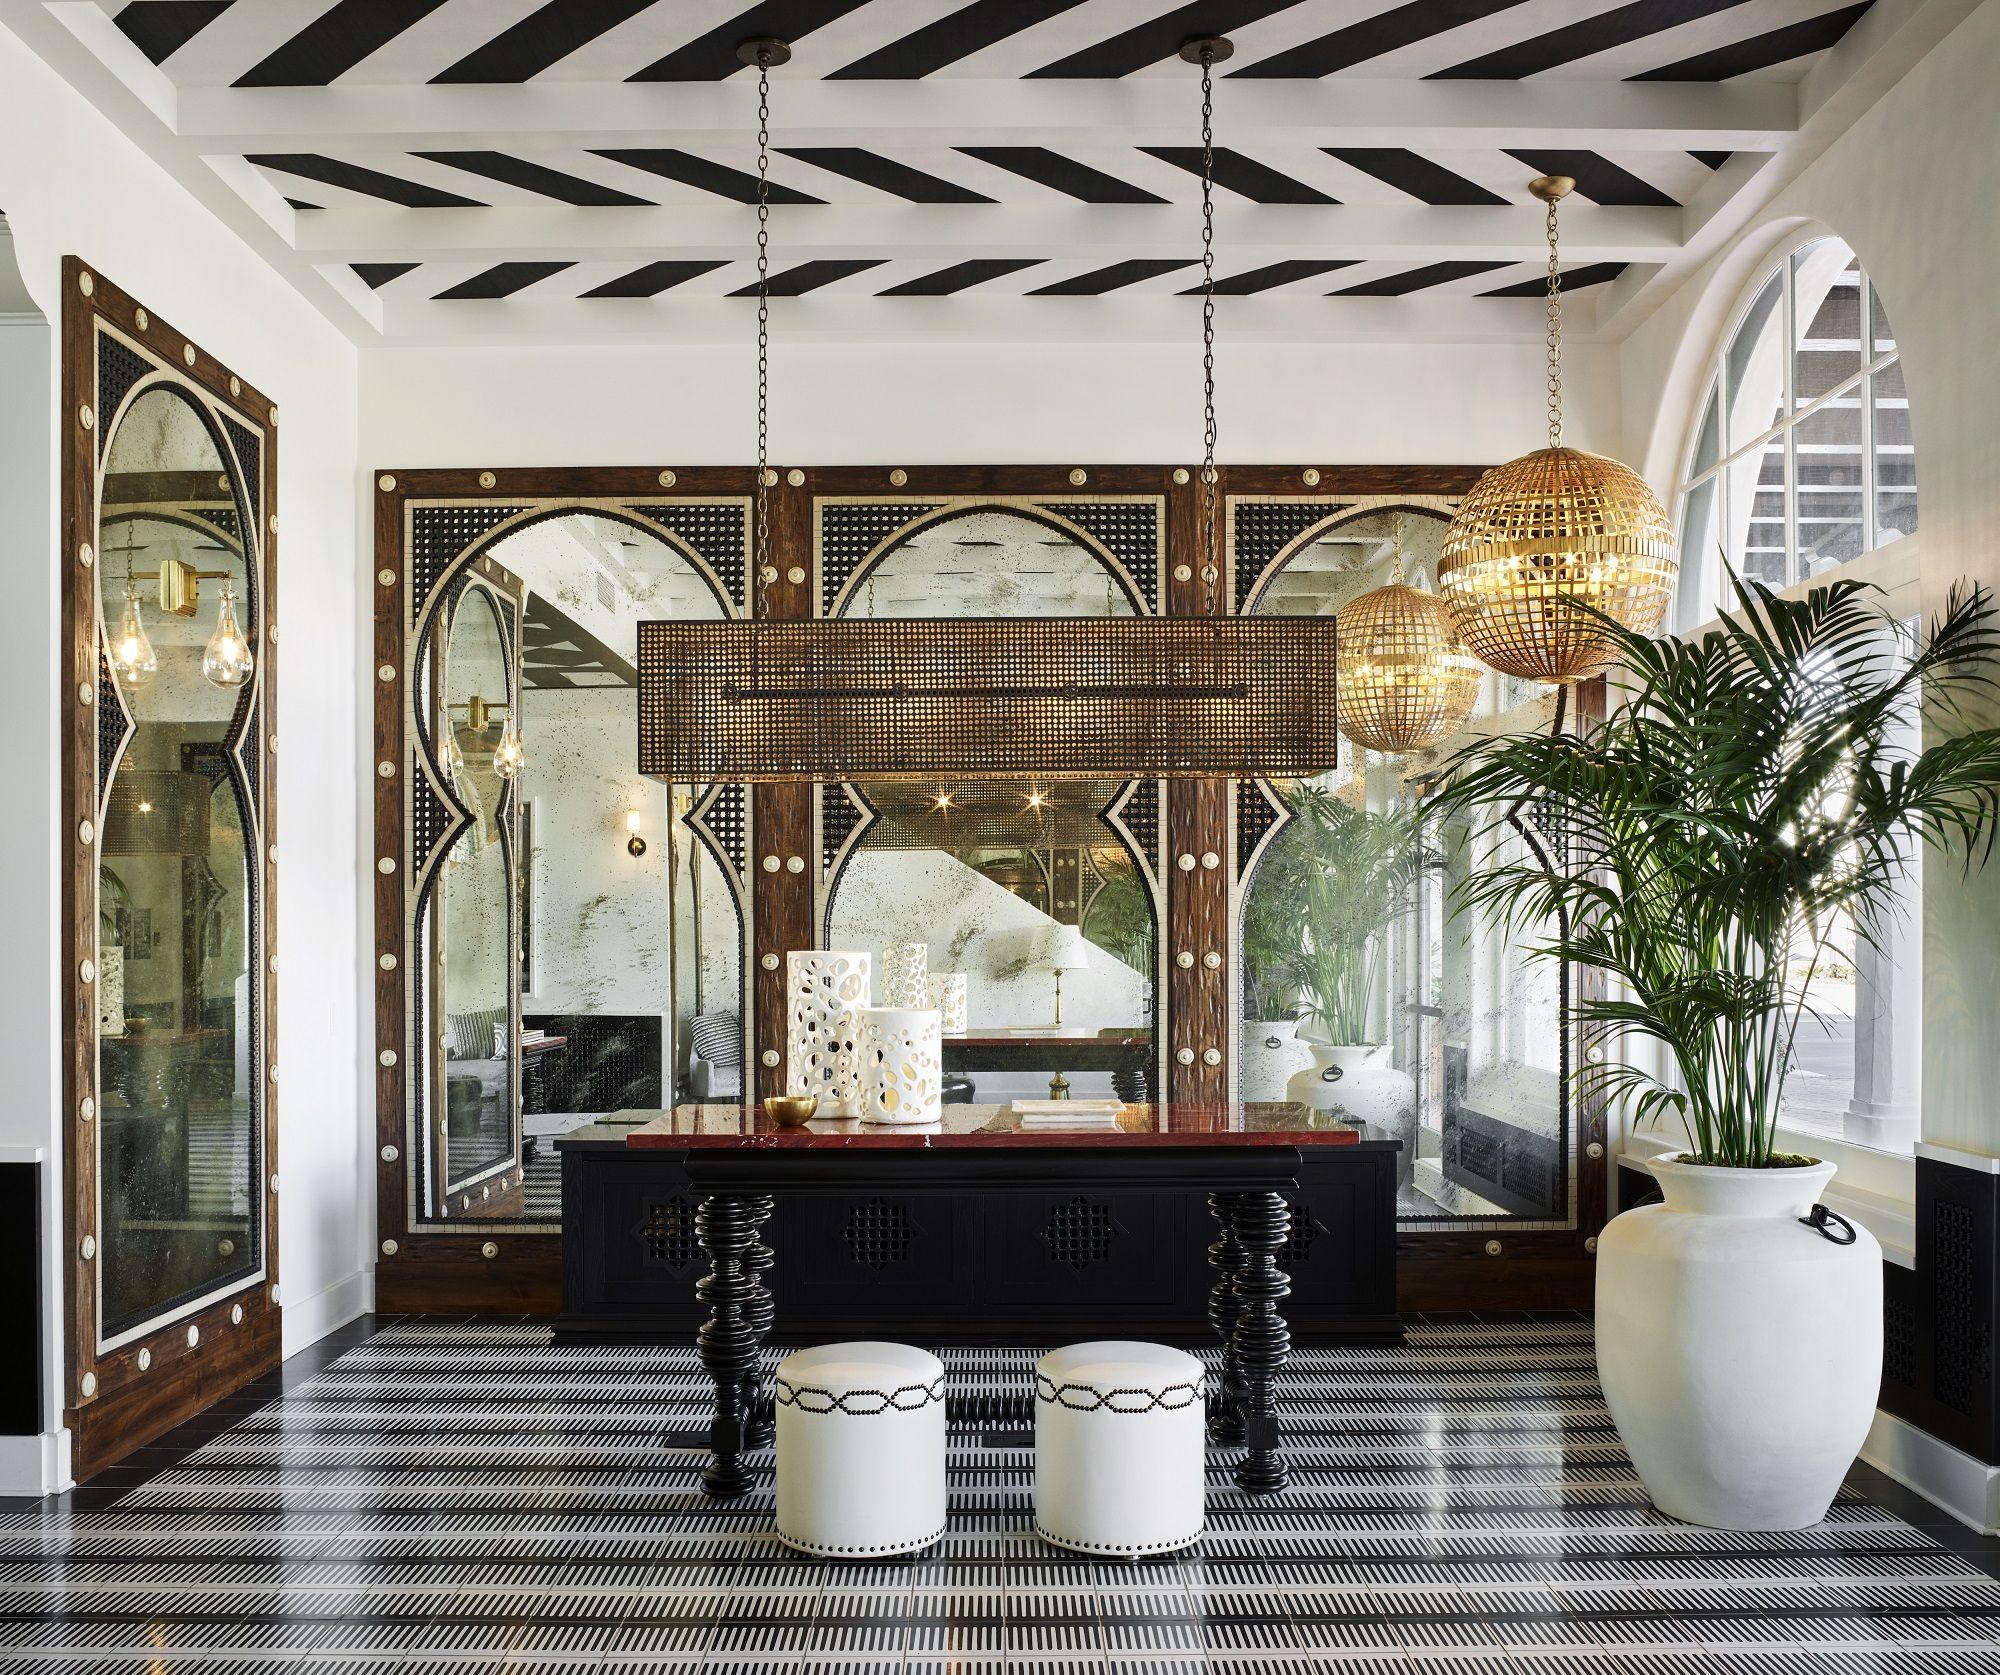 Berühmt Saratoga Küche Bad Design Inc Galerie - Ideen Für Die Küche ...